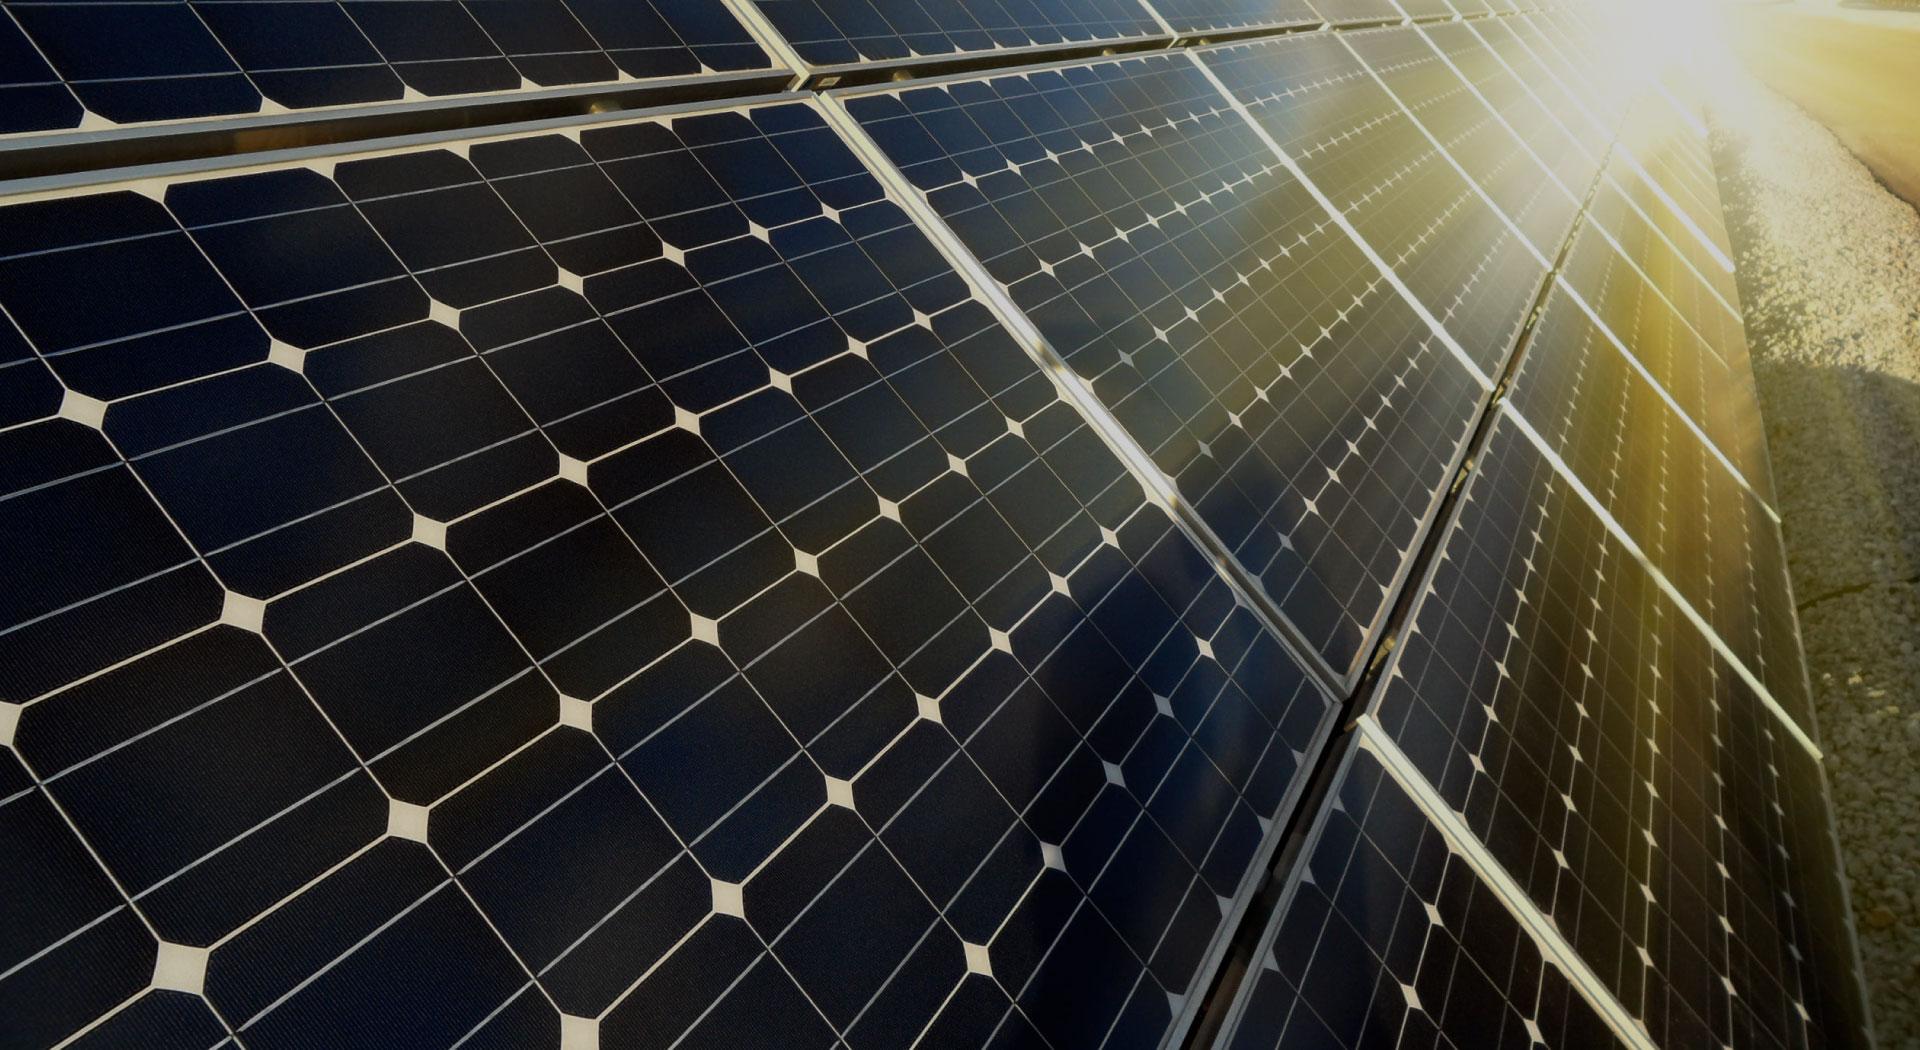 panneaux solaires coup de pouce chauffage travaux